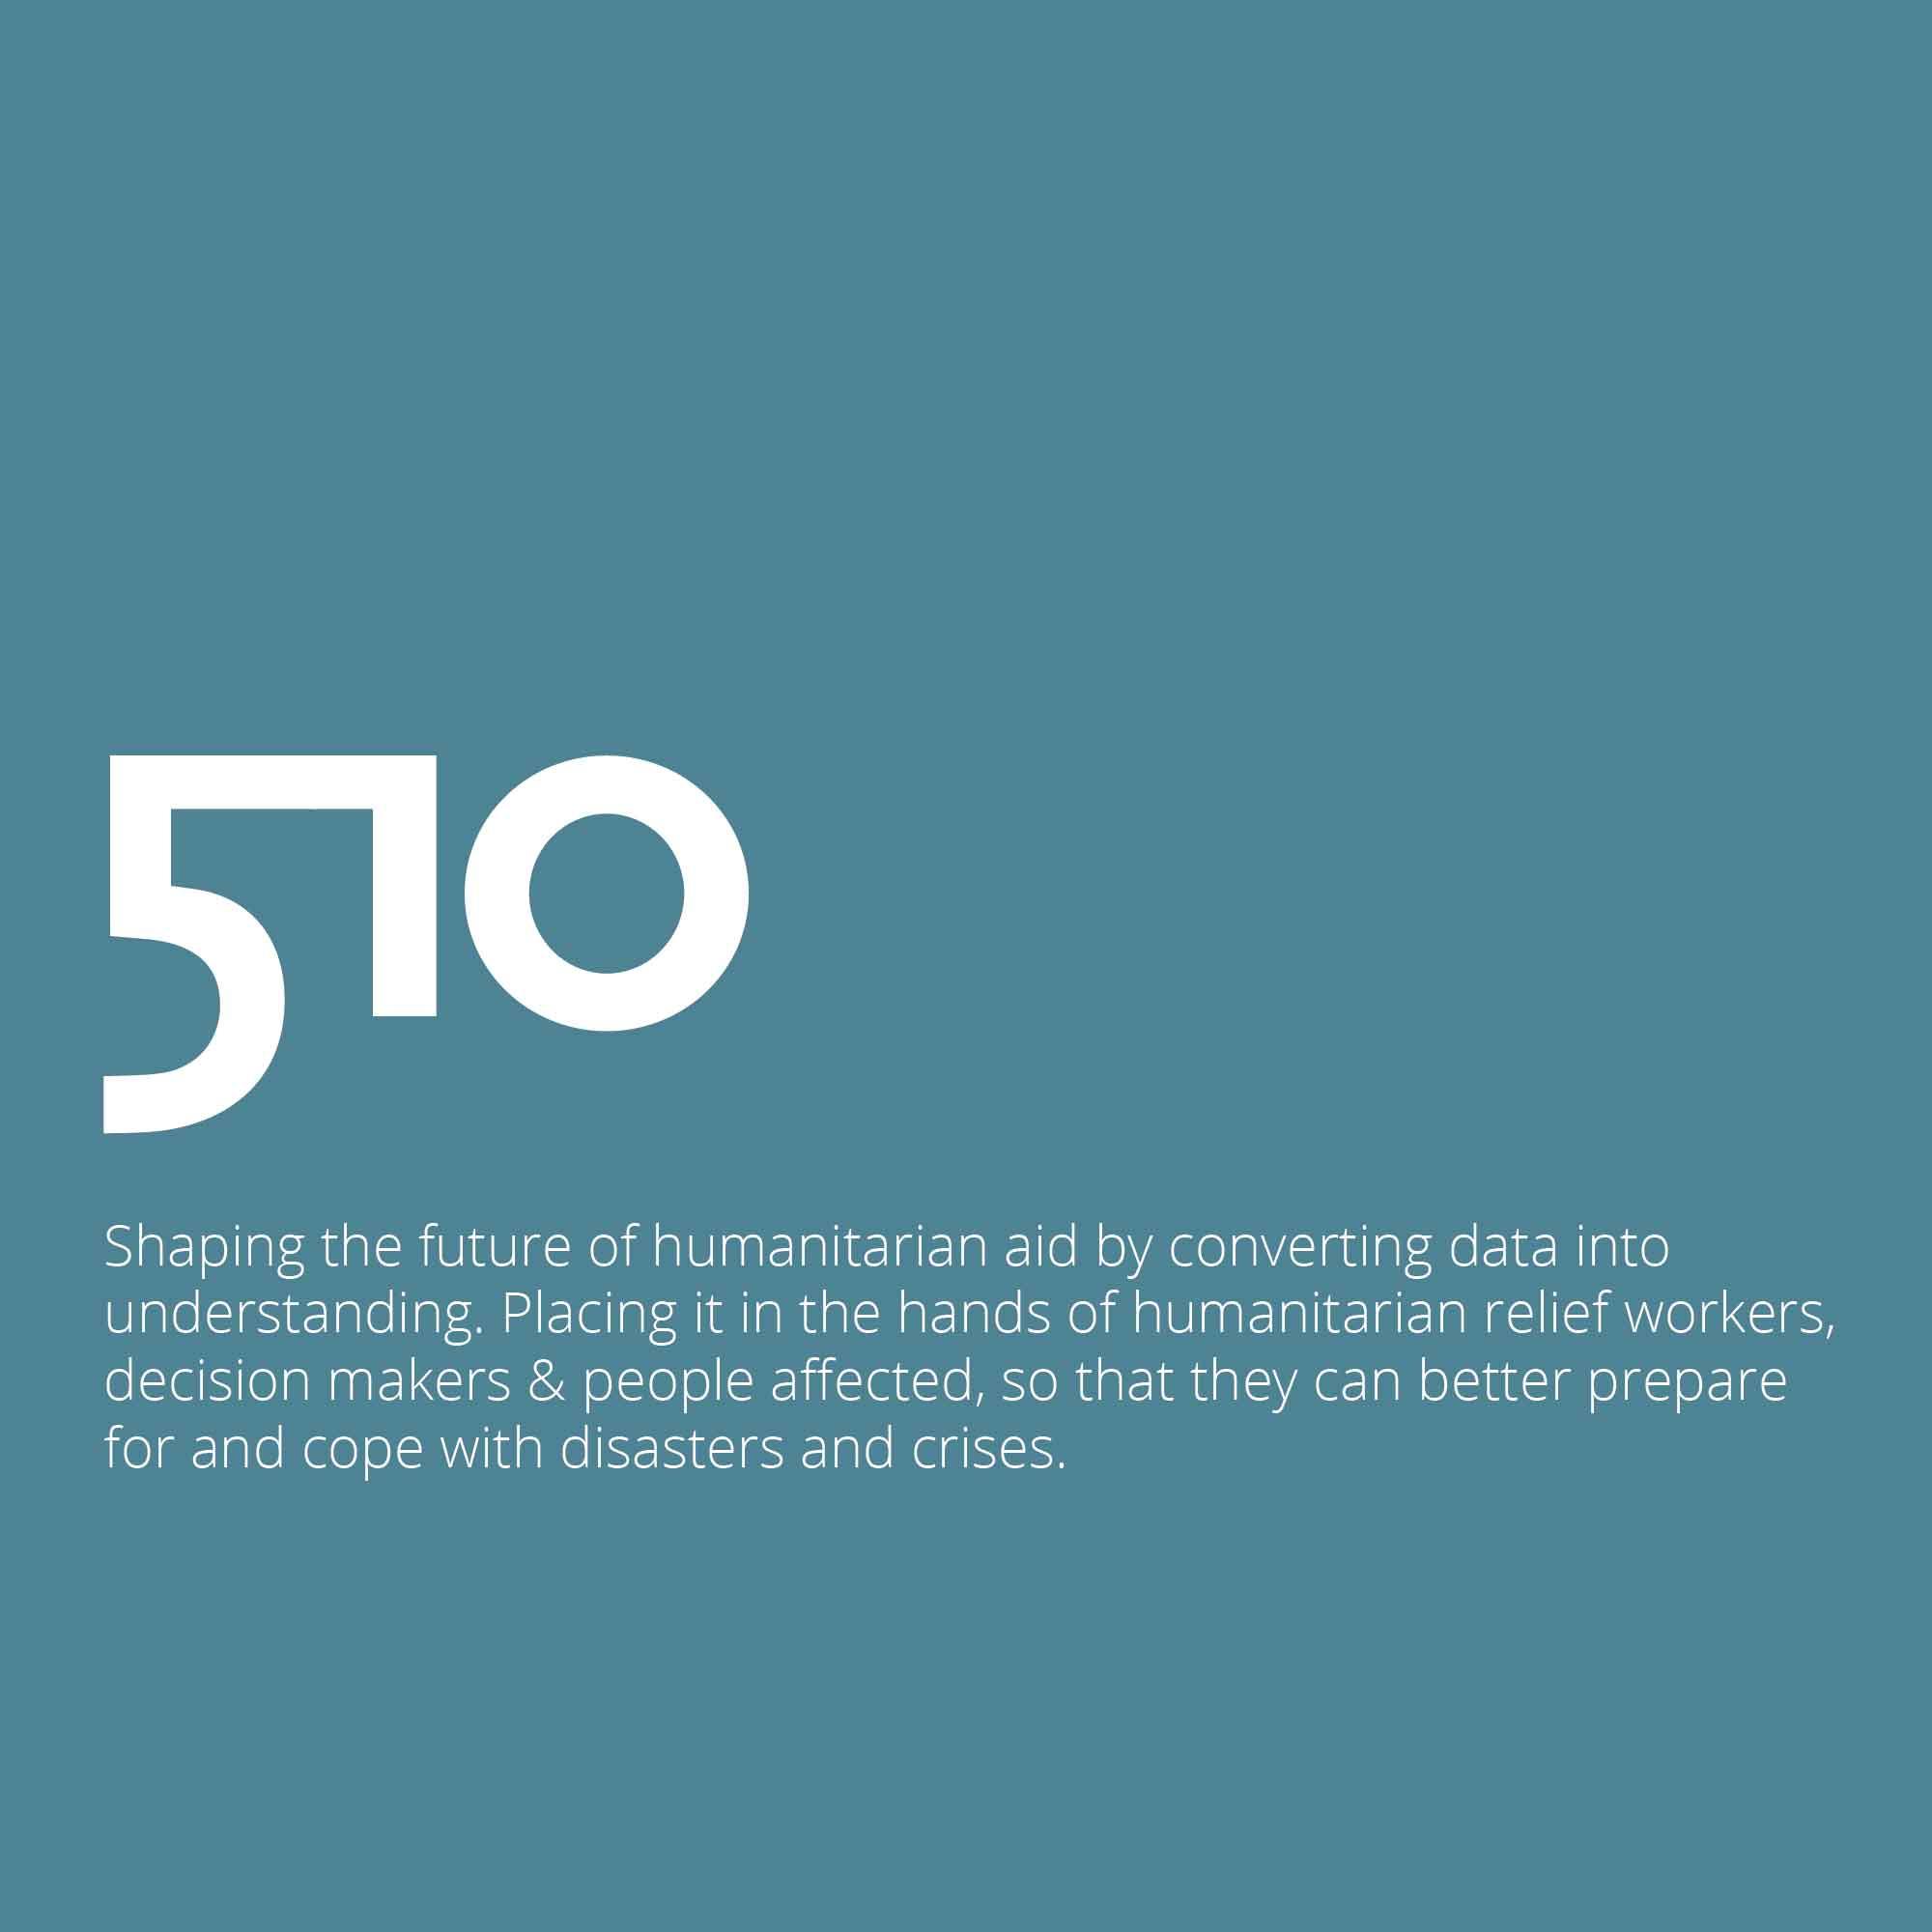 510 global personalised humanitarian aid through data